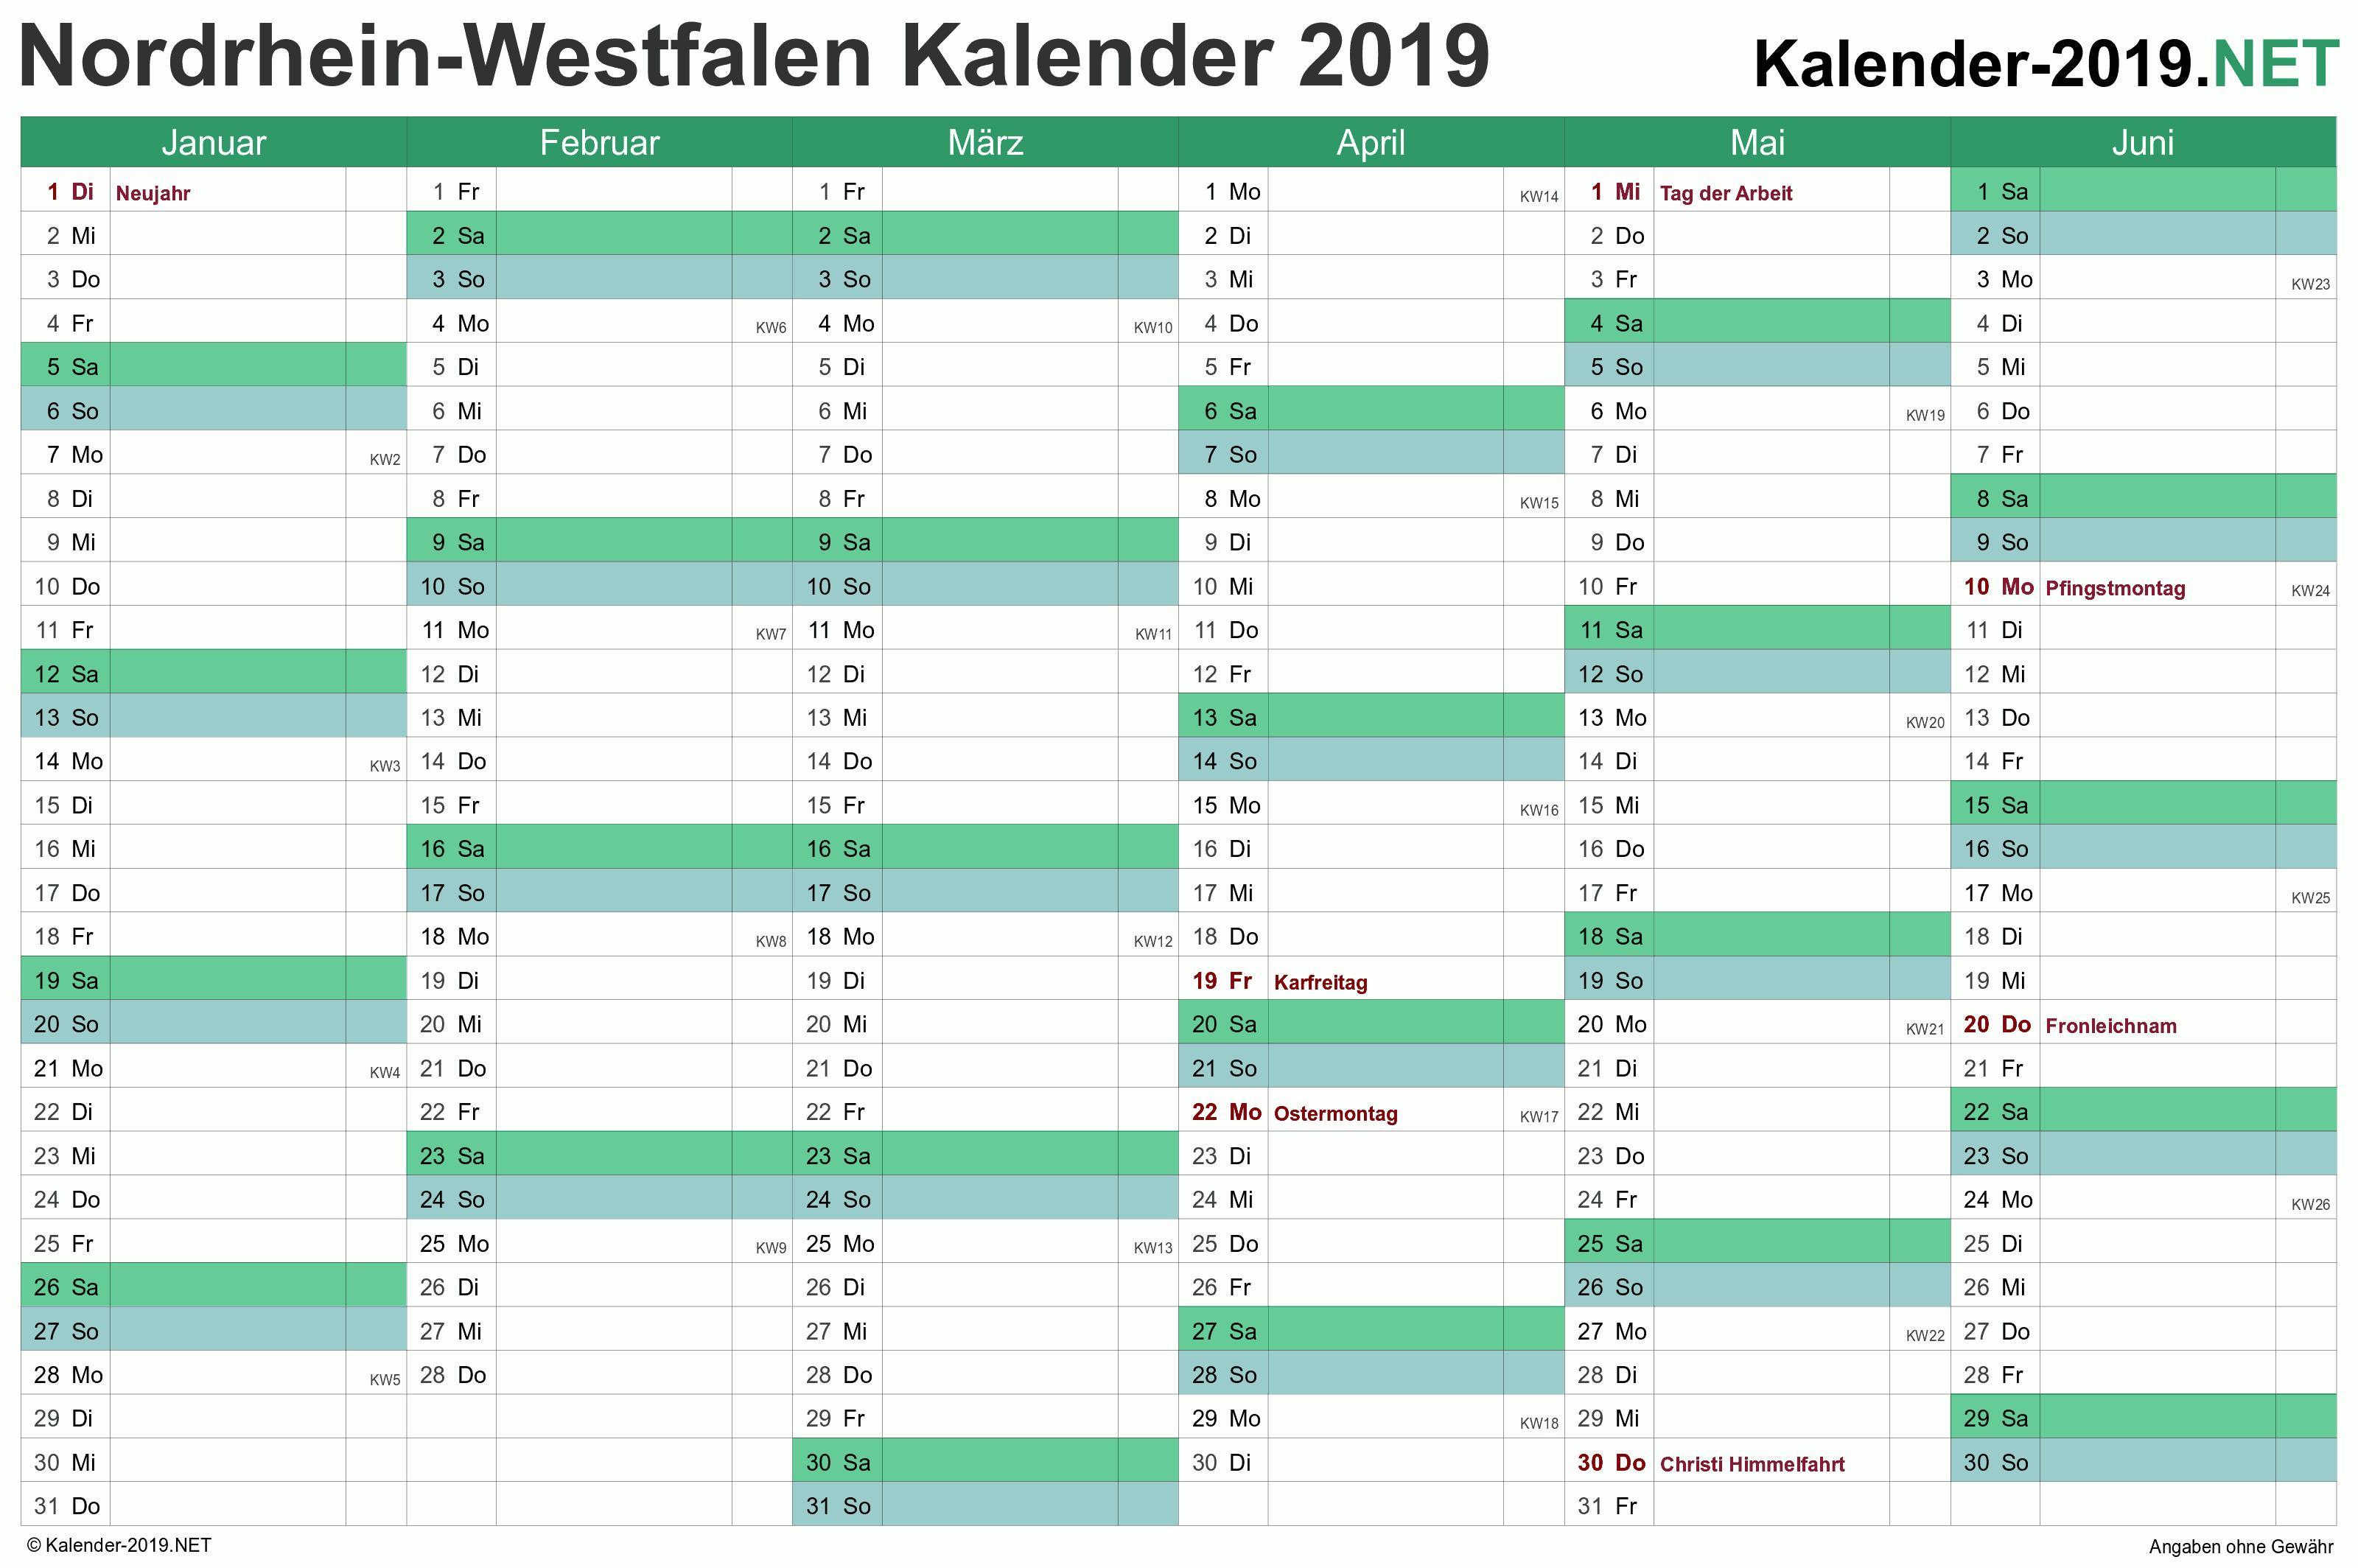 Nordrhein Westfalen Kalender 2019 Mit Feiertagen Kalender 2018 Kalender Vorlagen Kalender Feiertage